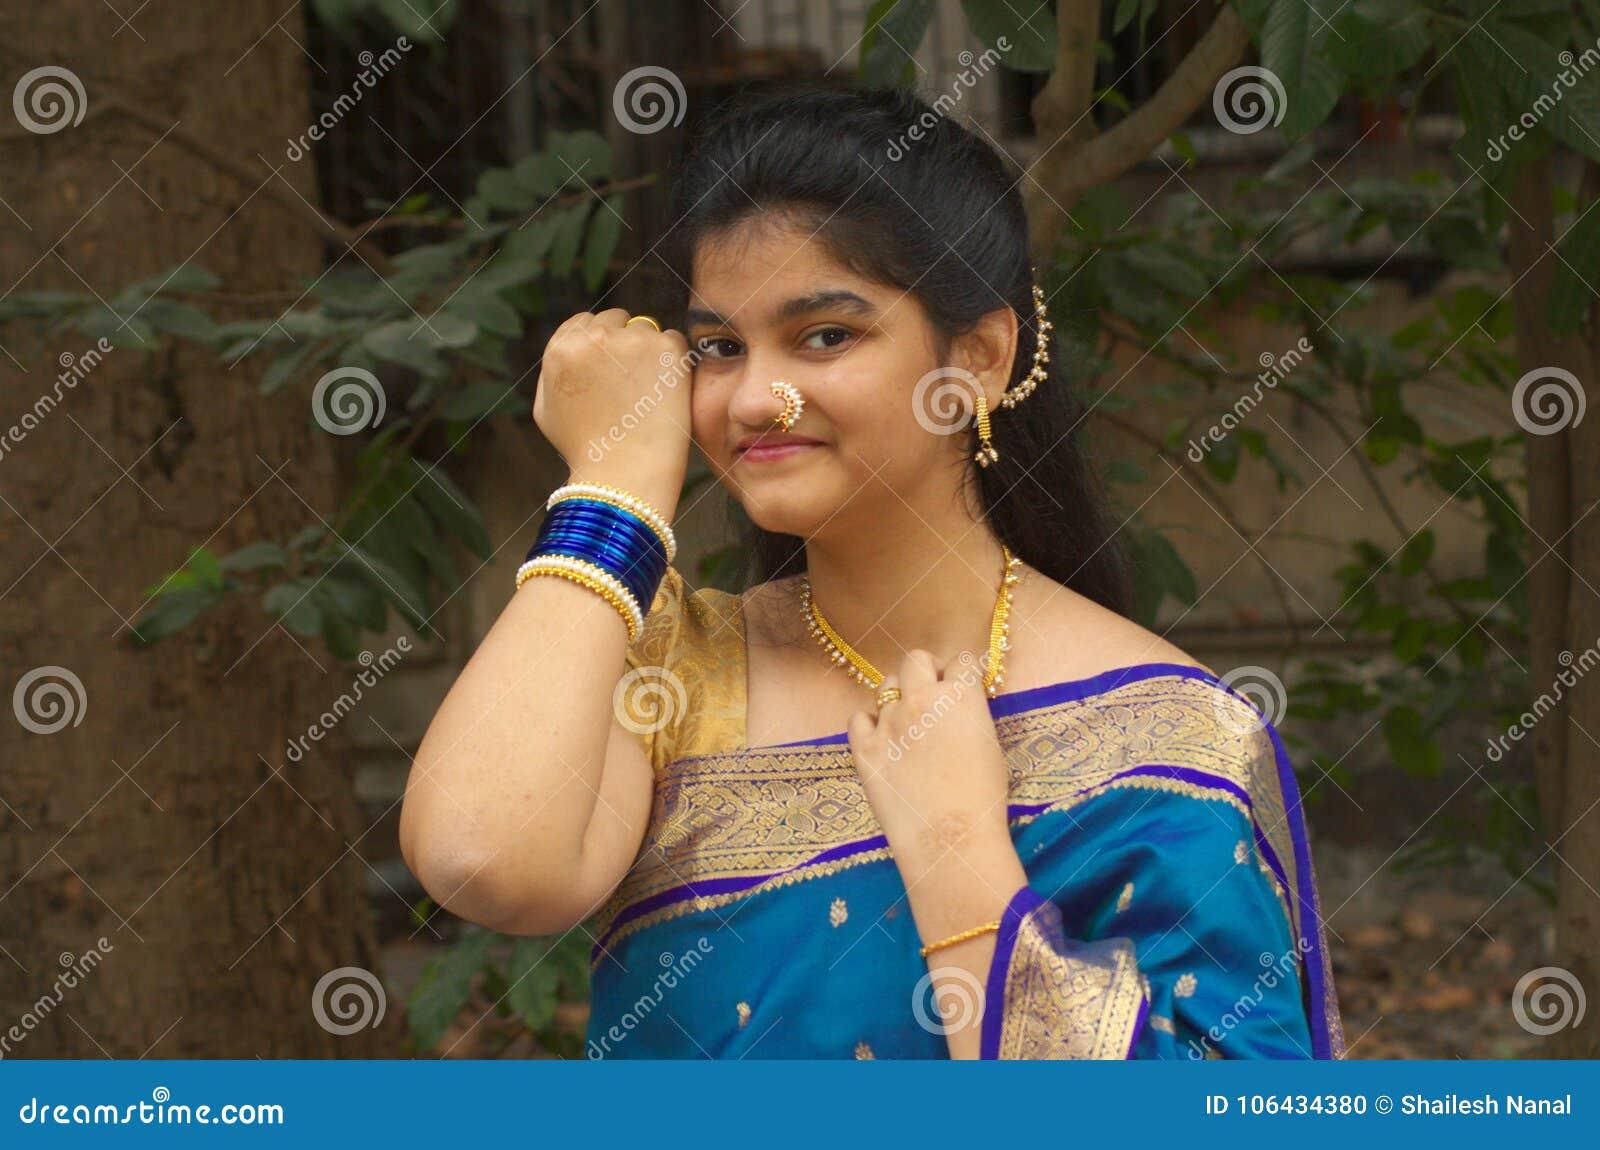 Traditional maharashtrian girl with a Saree-4